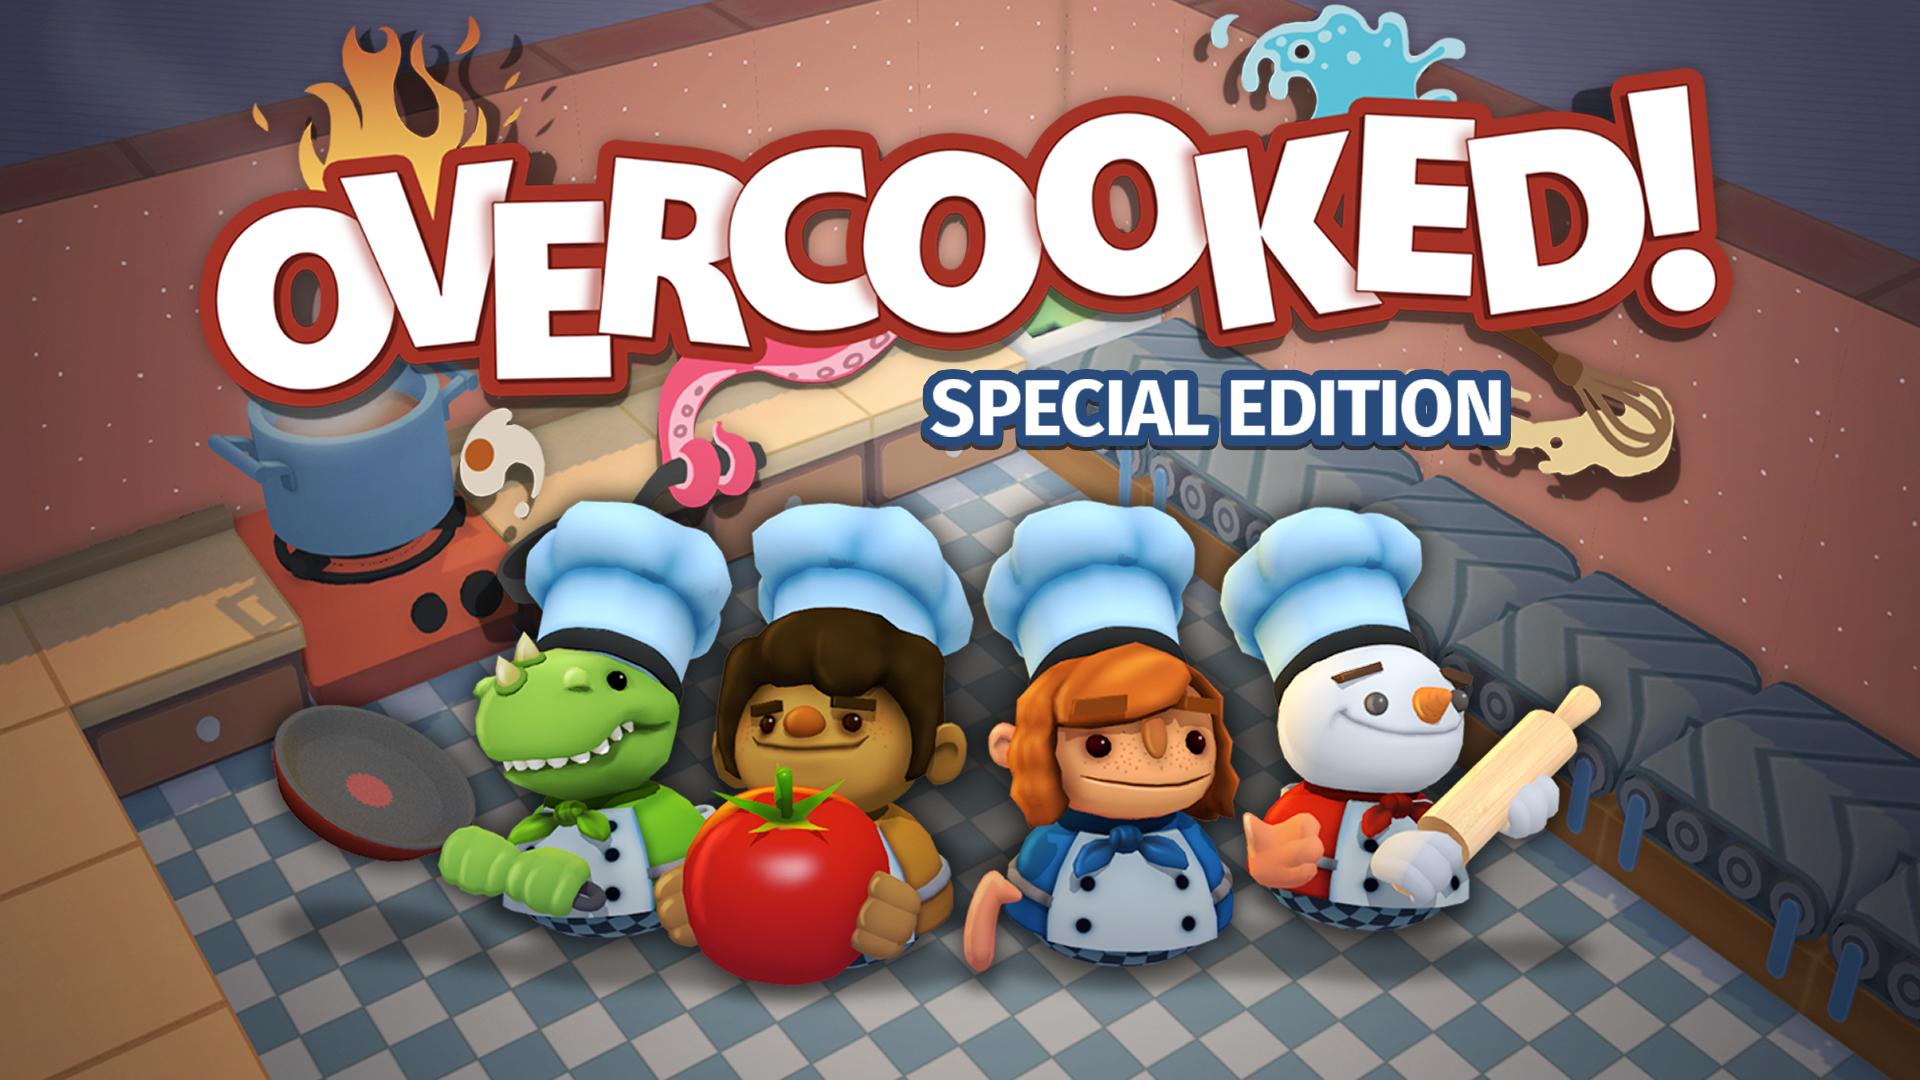 Nintendo eShop: Overcooked Special Edition